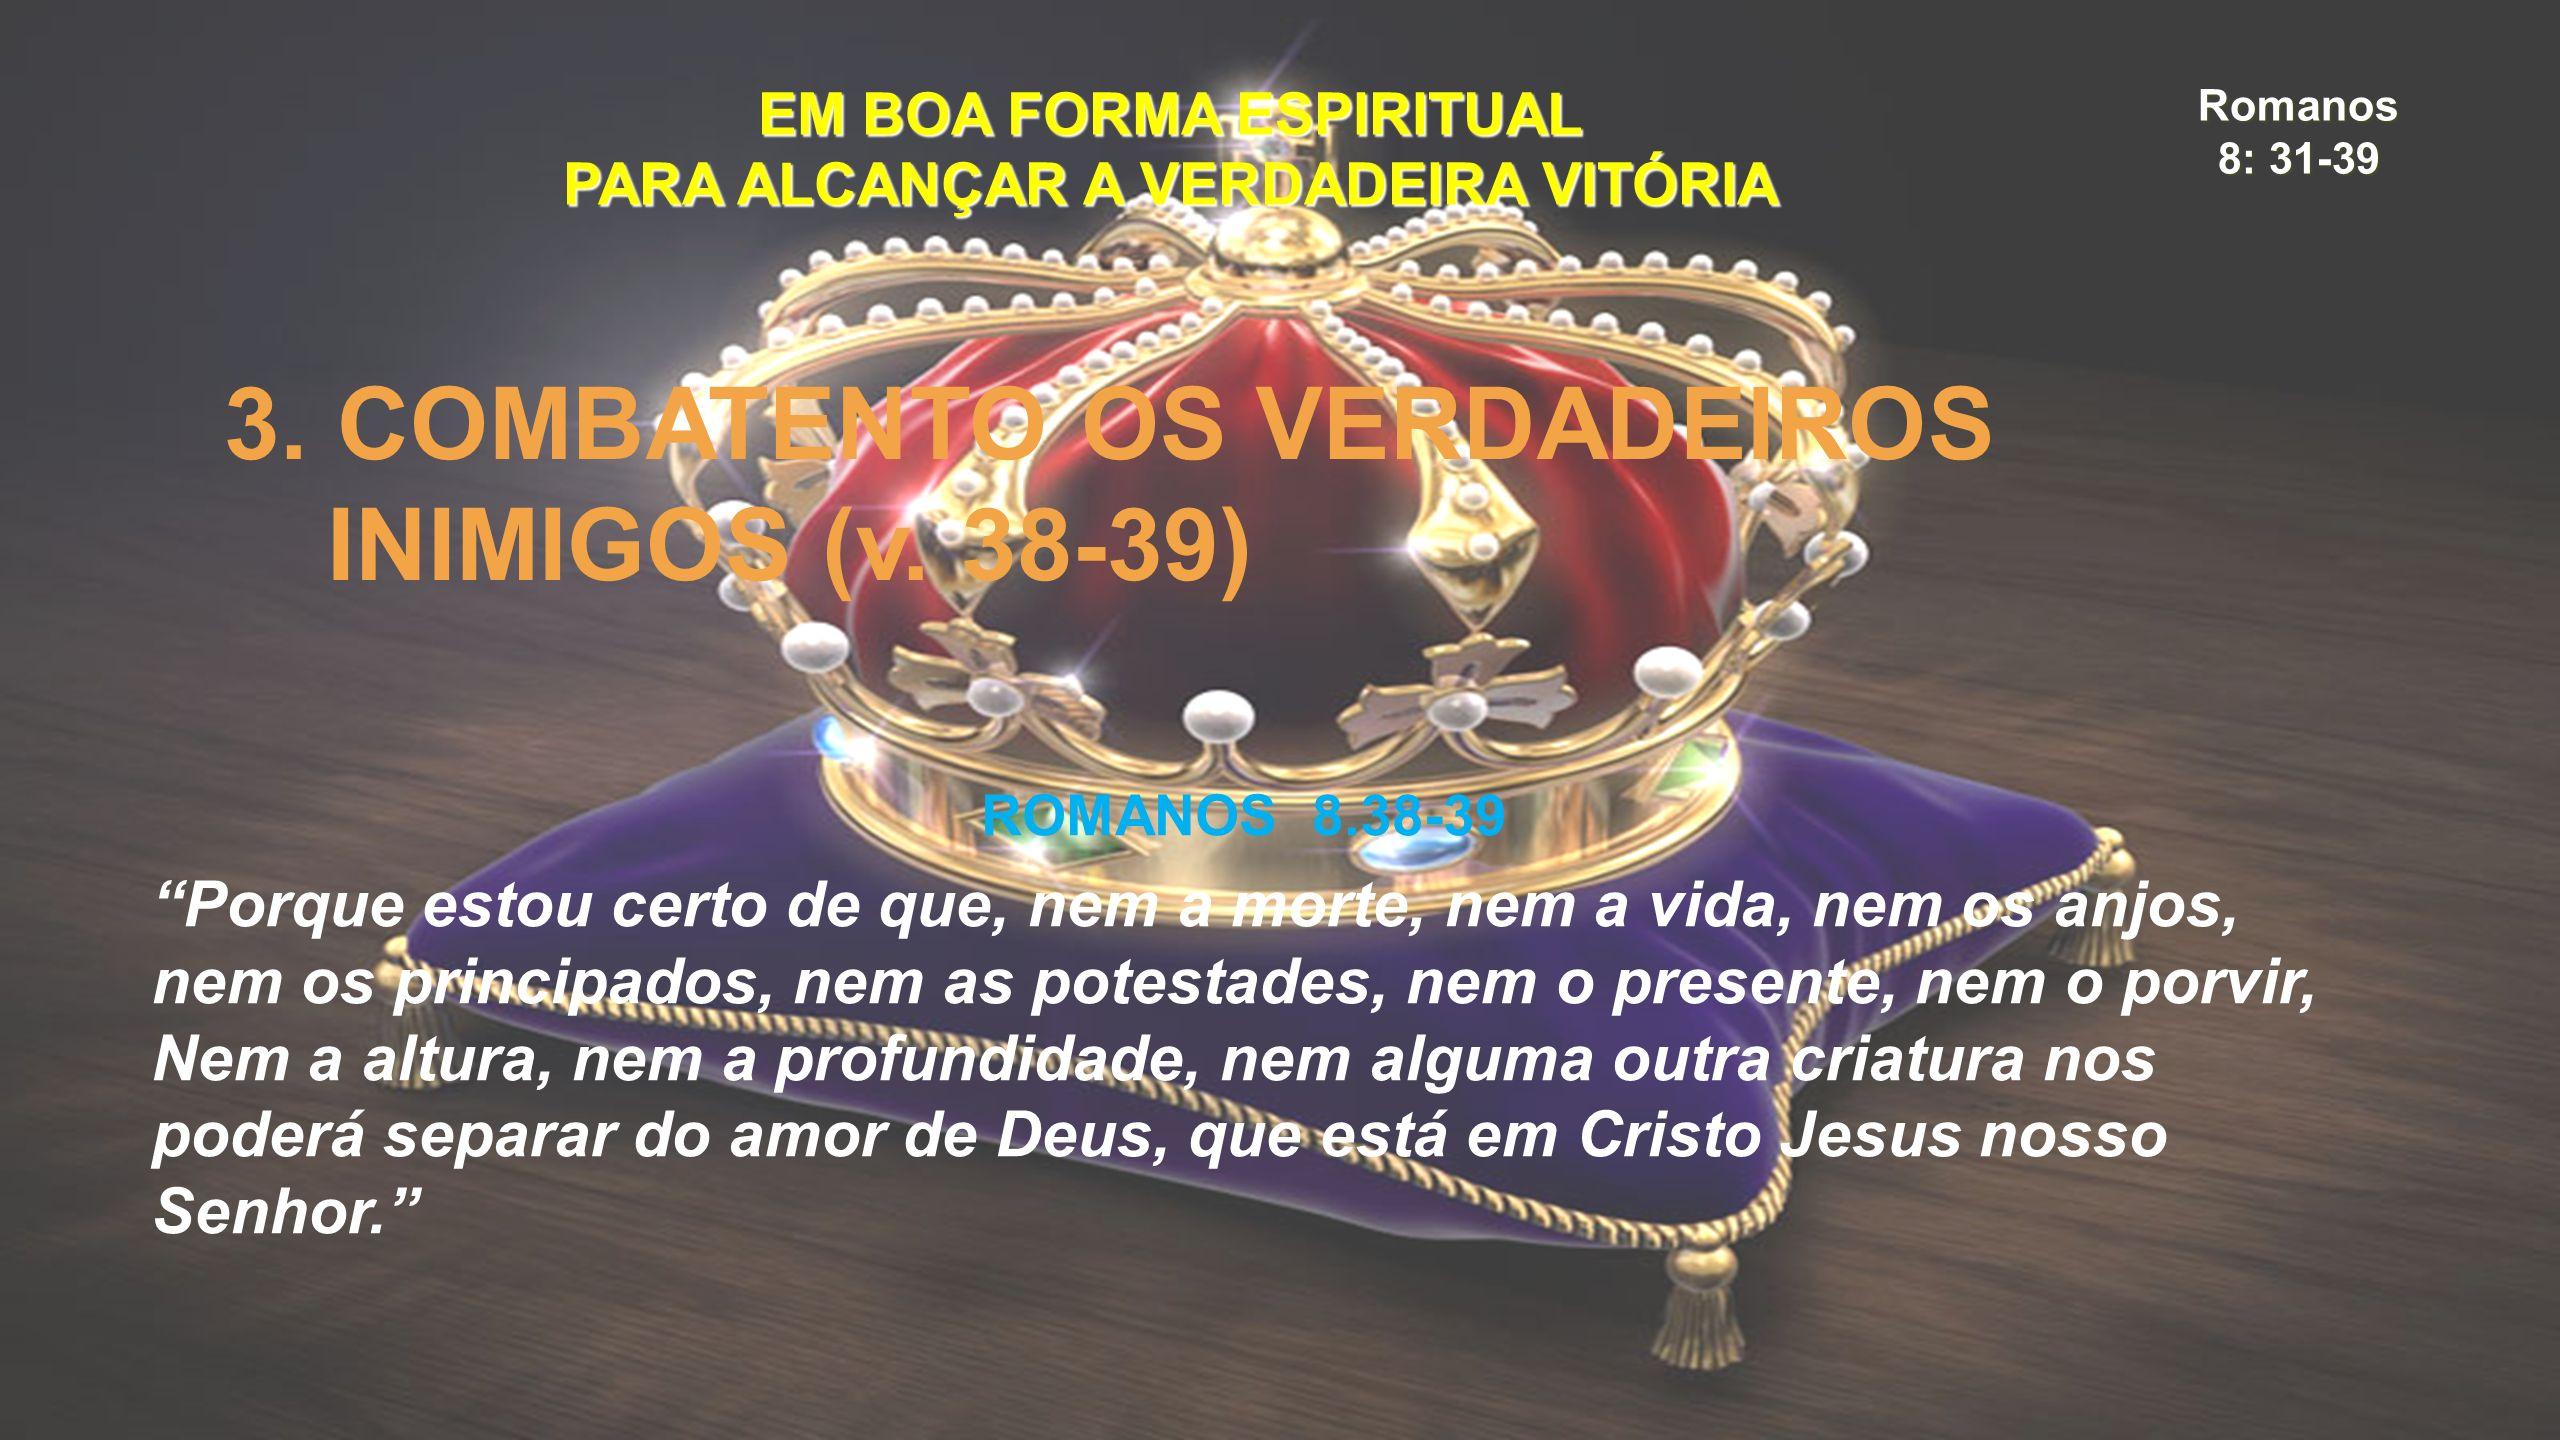 """Romanos 8: 31-39 EM BOA FORMA ESPIRITUAL PARA ALCANÇAR A VERDADEIRA VITÓRIA 3. COMBATENTO OS VERDADEIROS INIMIGOS (v. 38-39) ROMANOS 8.38-39 """"Porque e"""